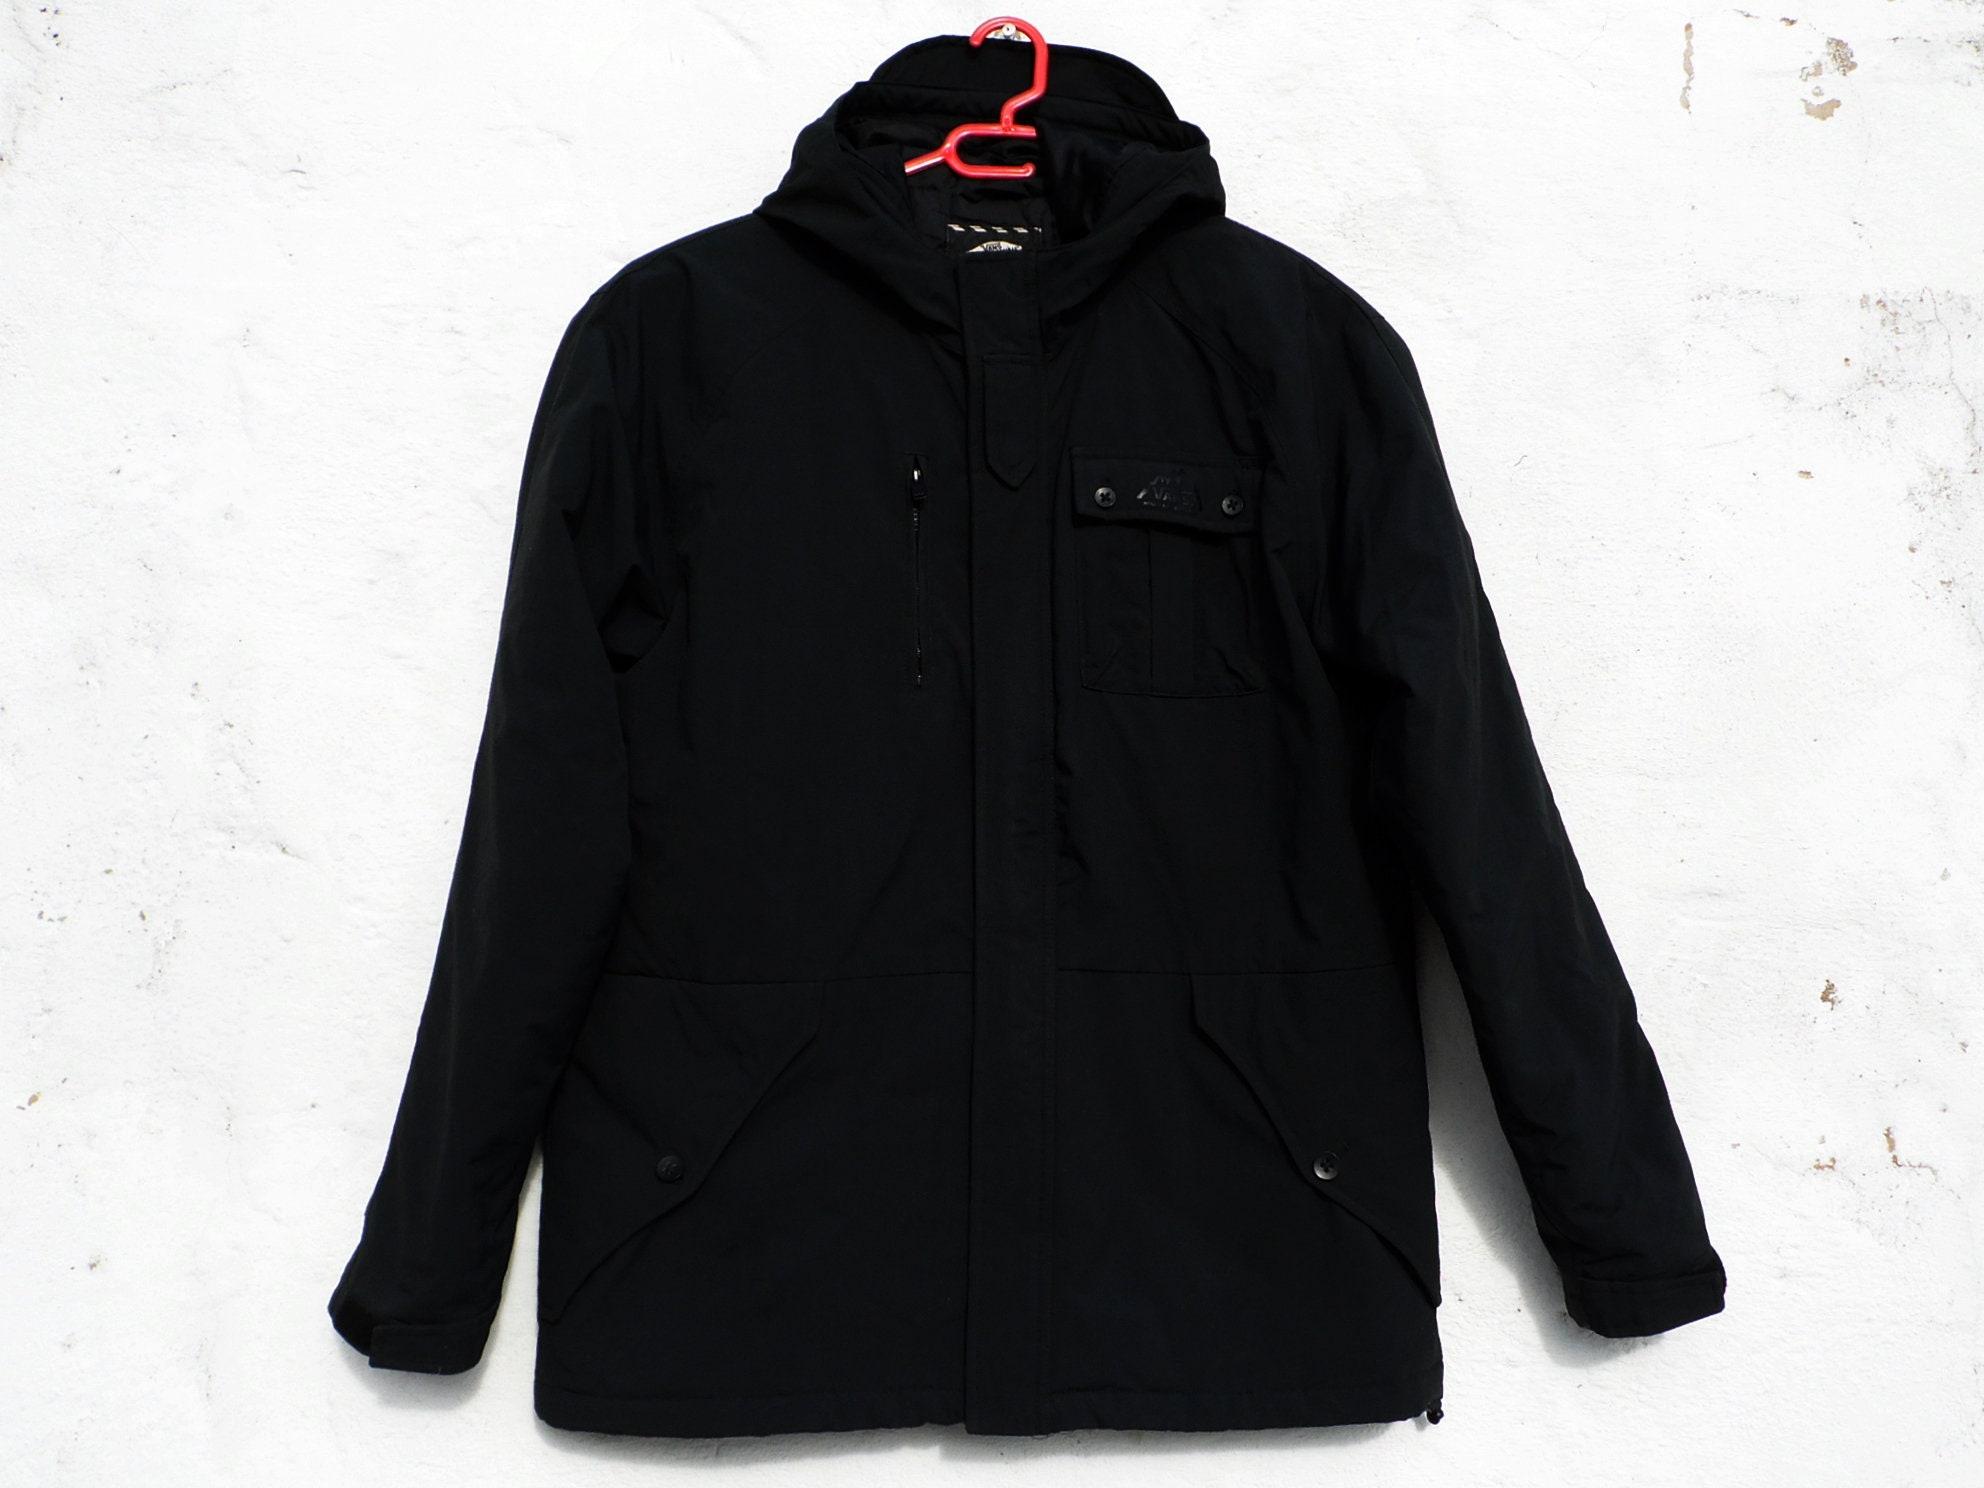 08c3dc9c27c Black jacket Vans jacket urban jacket hip hop jacket